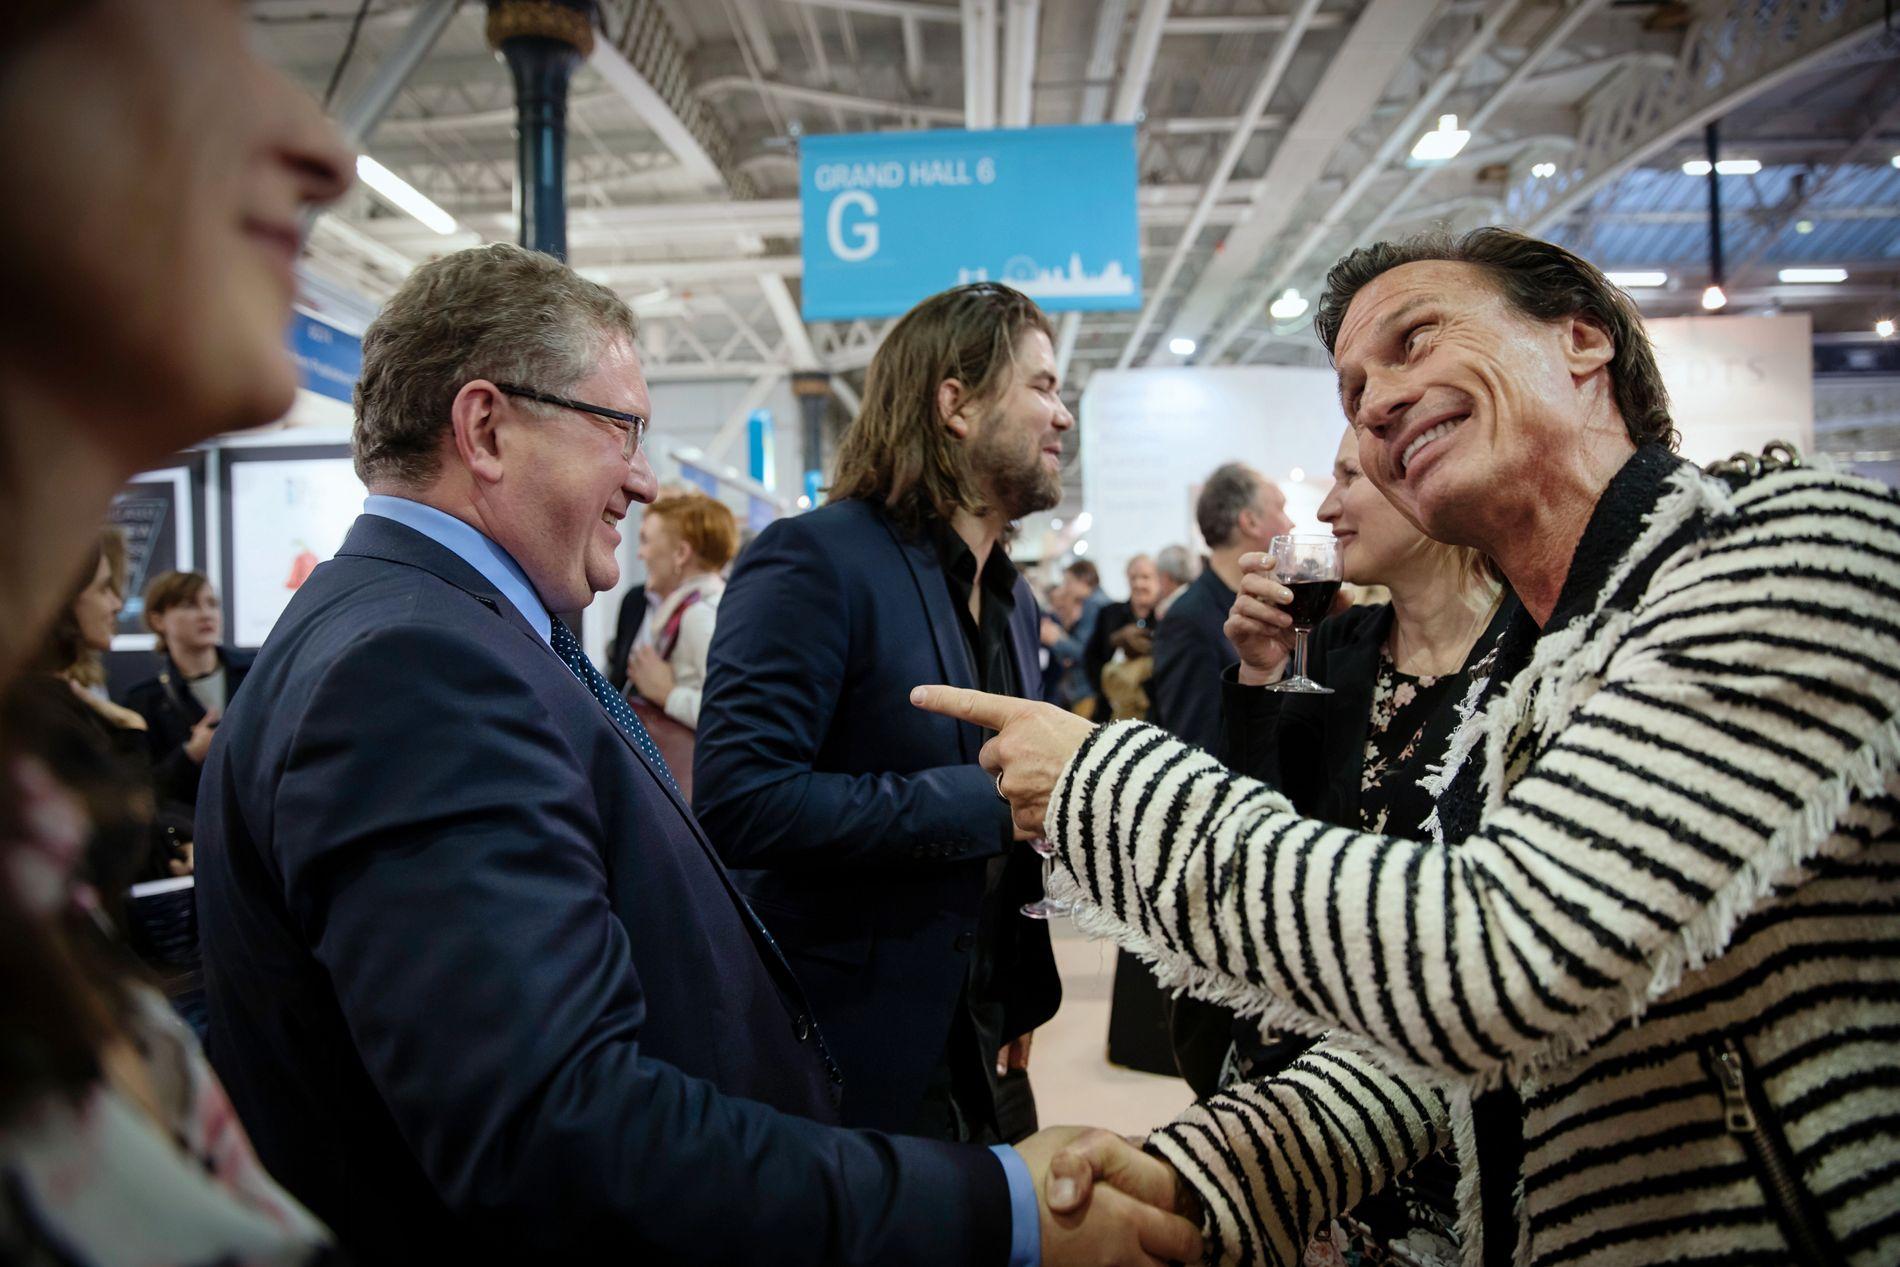 BØRS OG KATEDRAL: - Du er børs, jeg er katedral, sier Petter Stordalen og peker på  Vigmostad og Bjørke-forlegger Arno Vigmostad da de møtes på London Book Fair. Vigmostad sier til VG at Stordalens inntreden i forlagsverdenen har skapt ny energi.